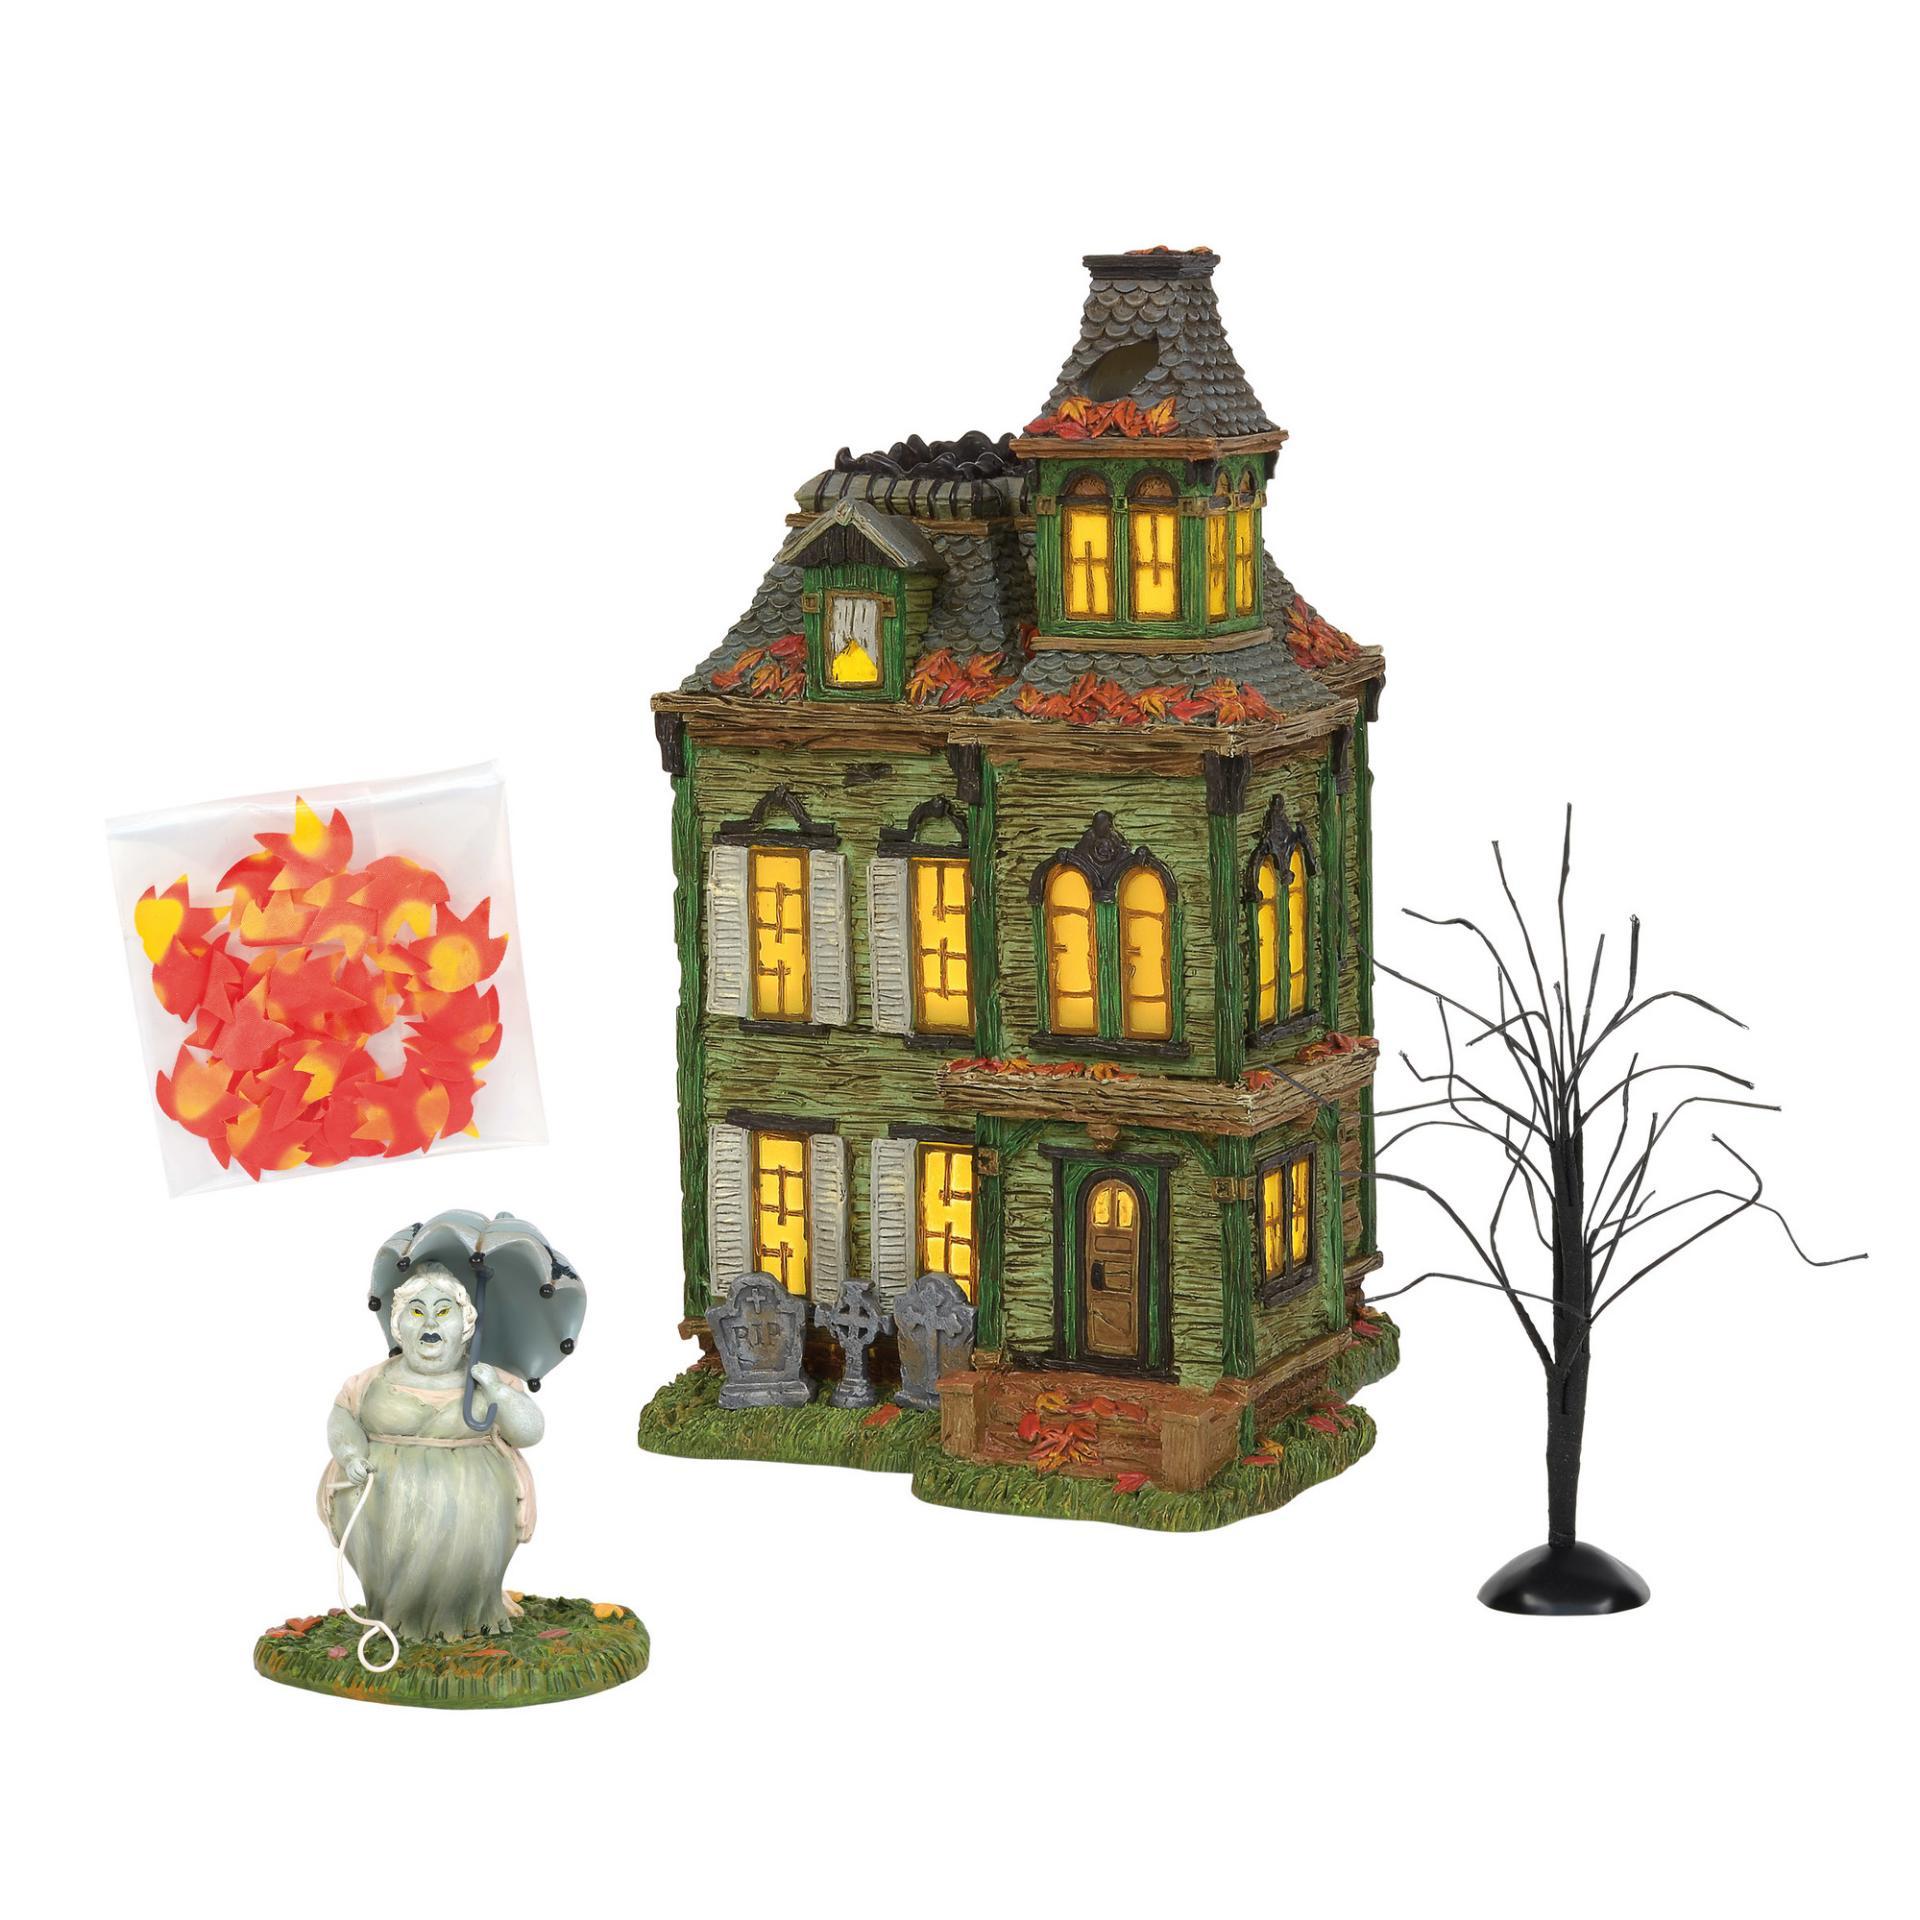 Hazel's Haunted House